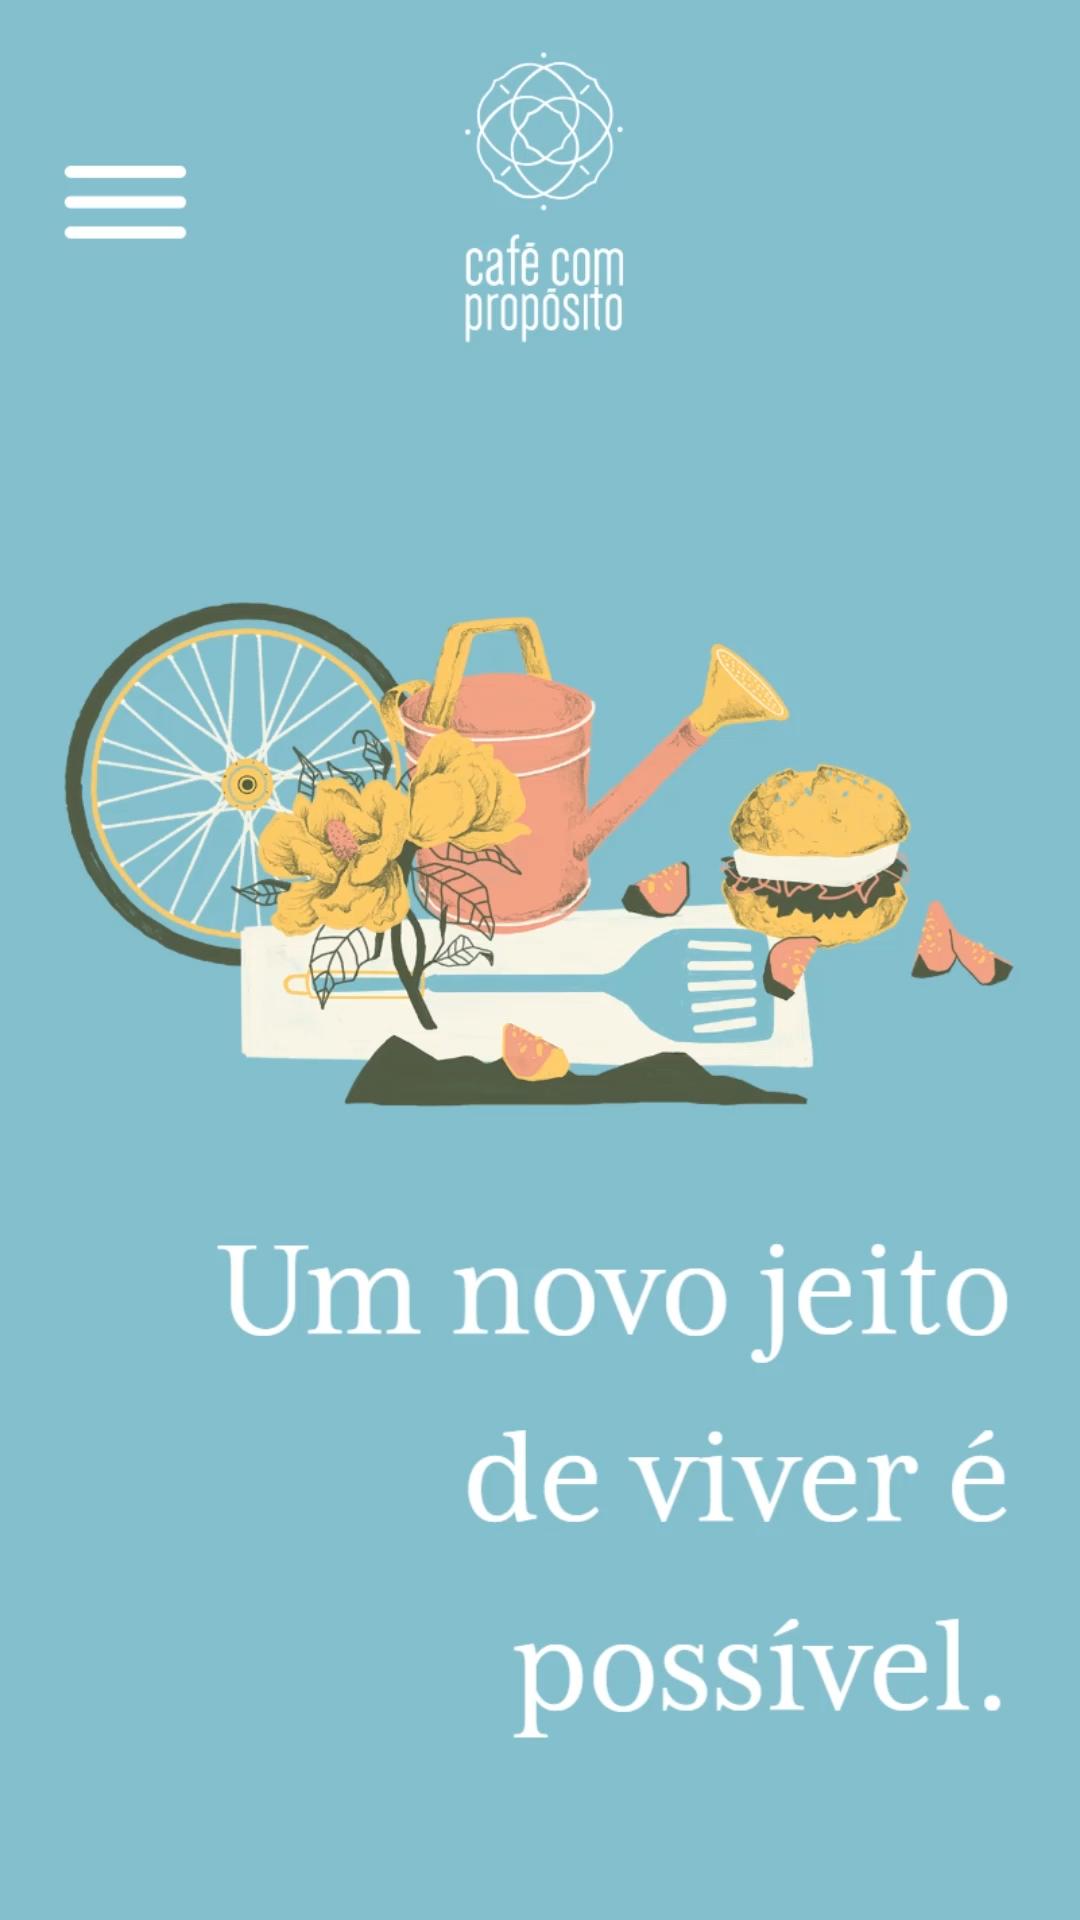 Mobile: Café com Propósito